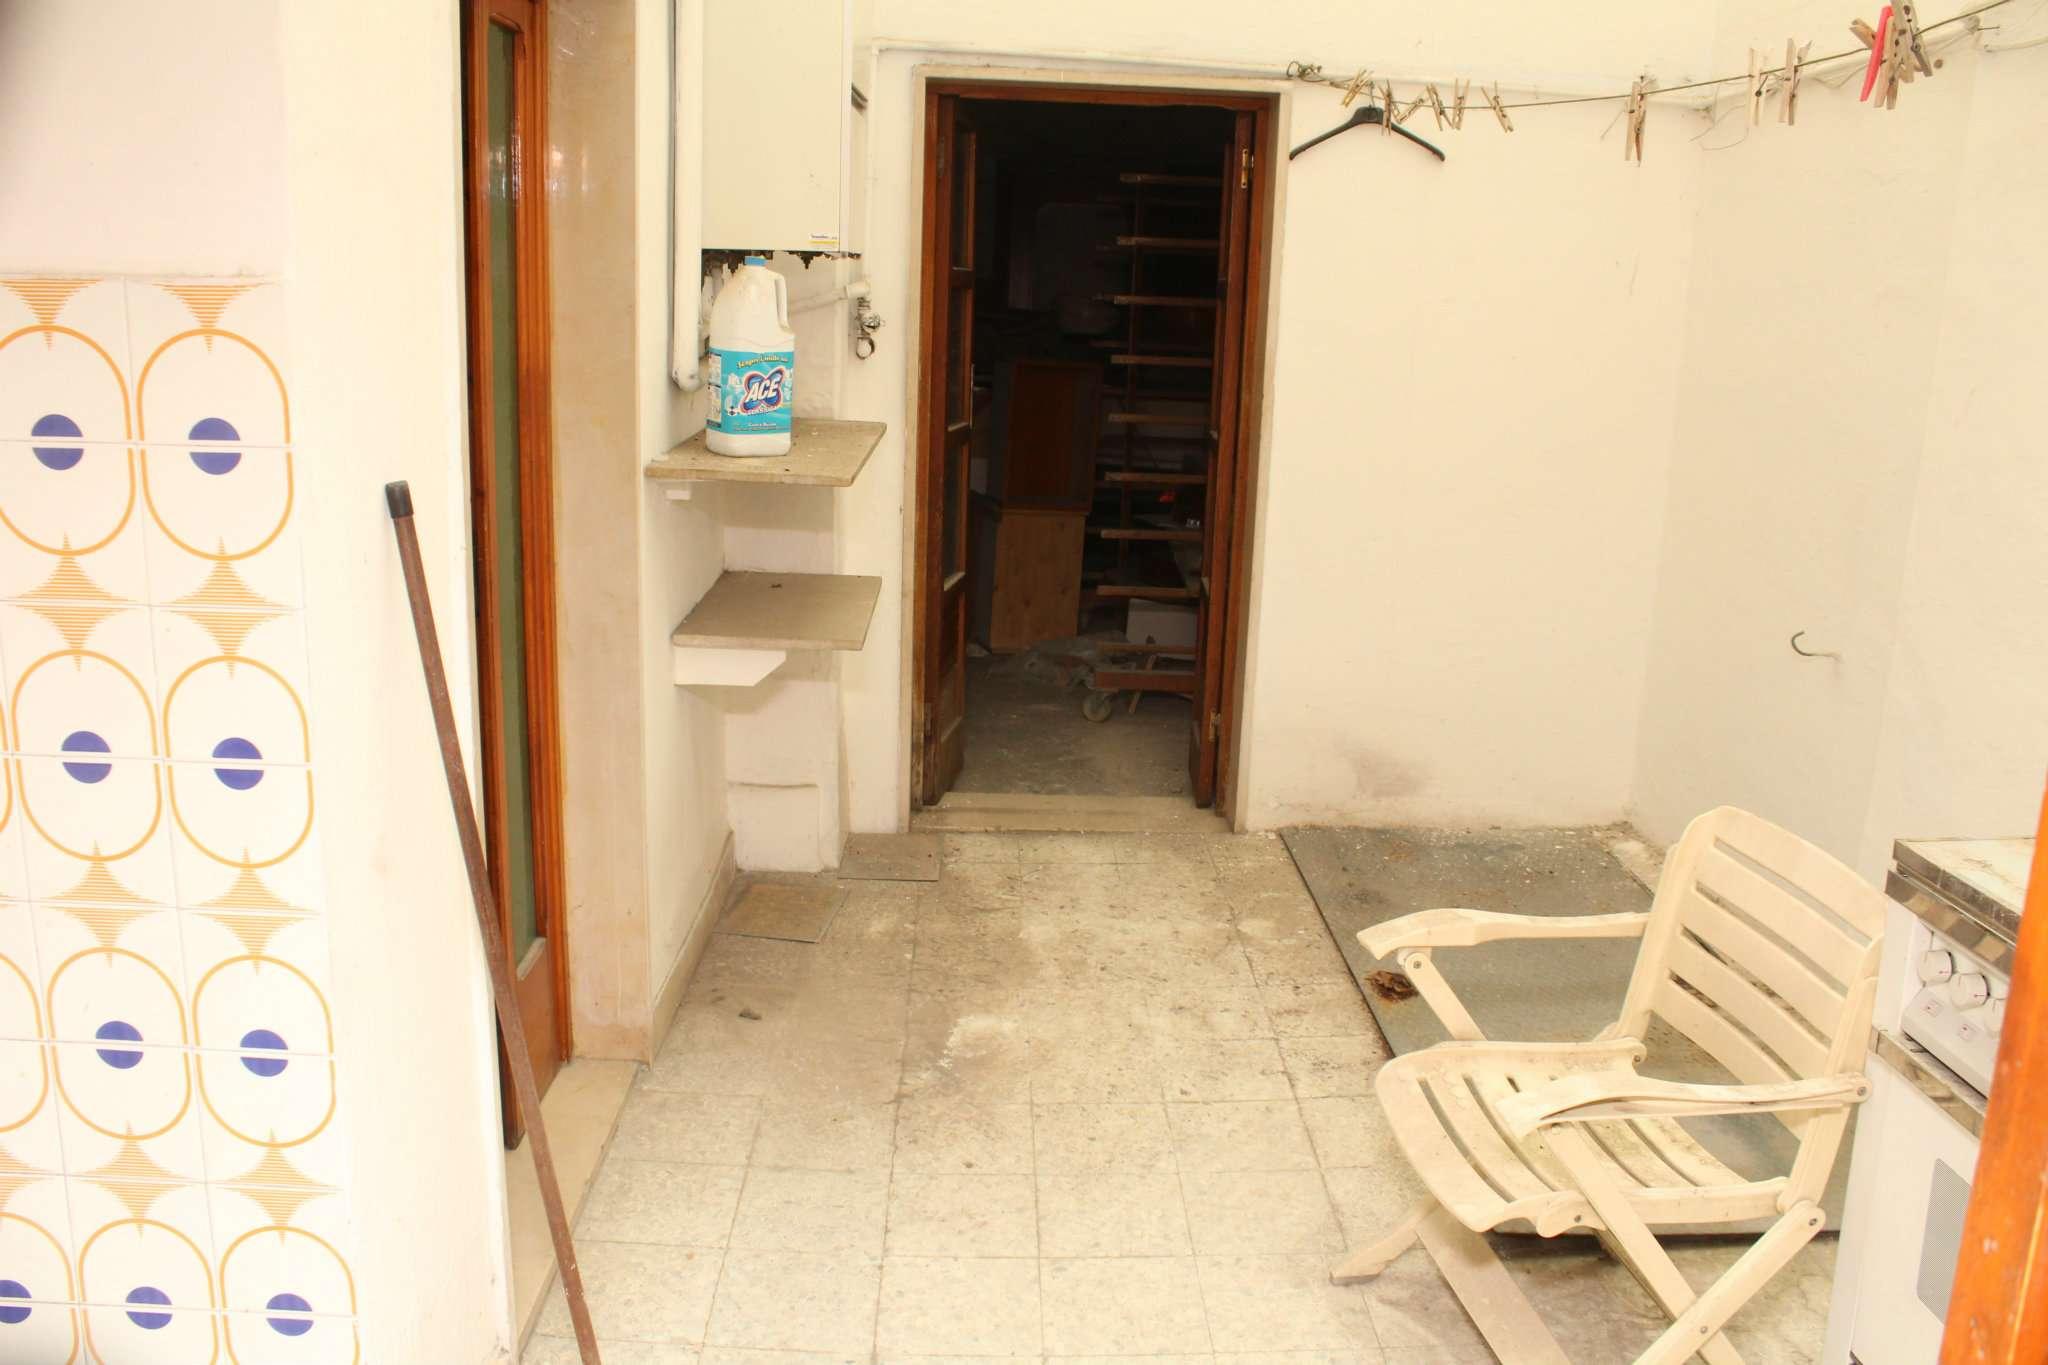 Negozio / Locale in affitto a Andria, 9999 locali, prezzo € 1.900 | CambioCasa.it